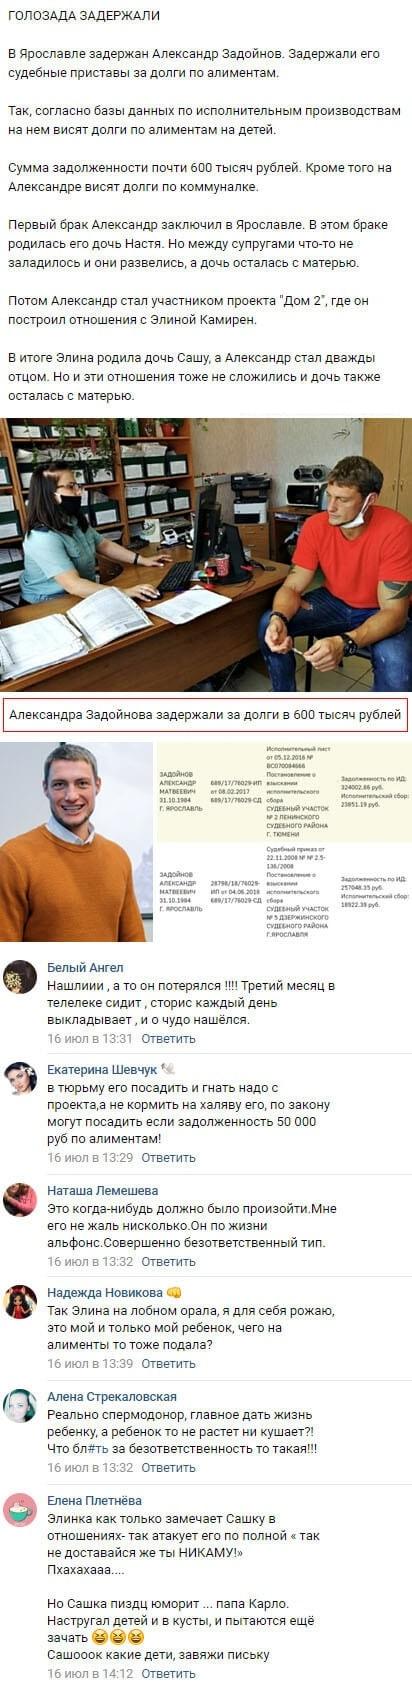 Александр Задойнов задержан в Ярославле